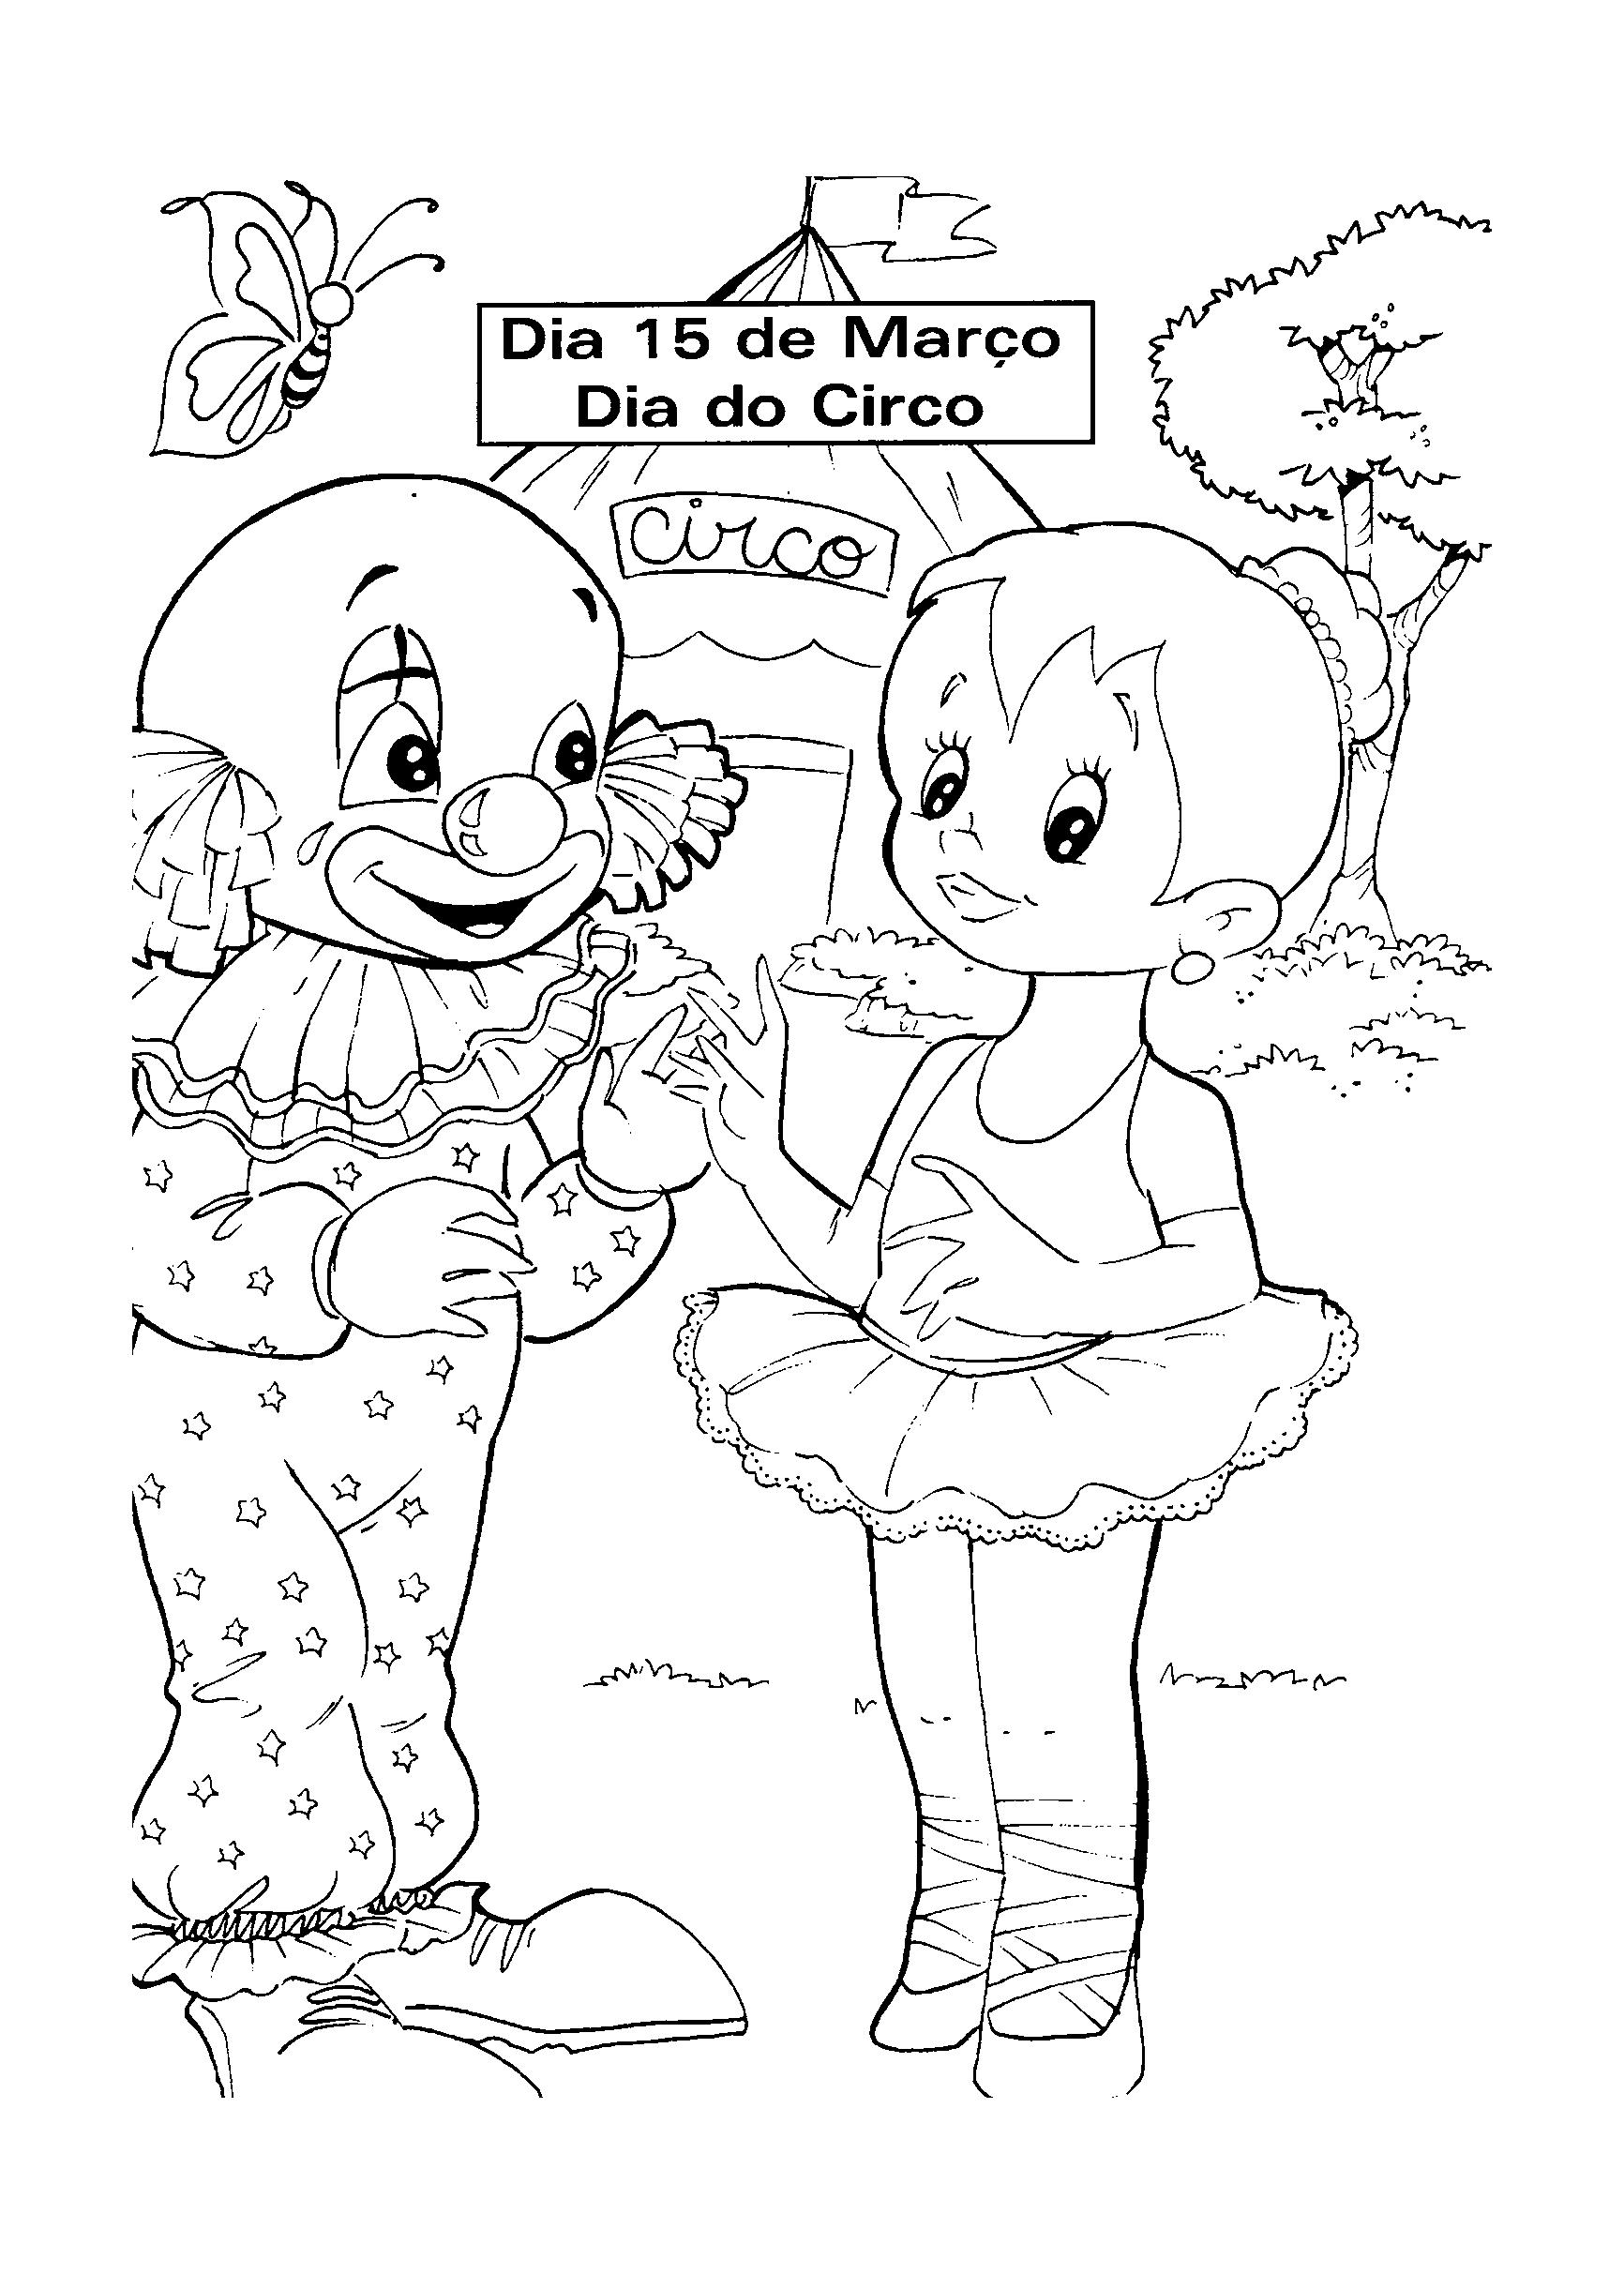 desenho-datas-marco-circo